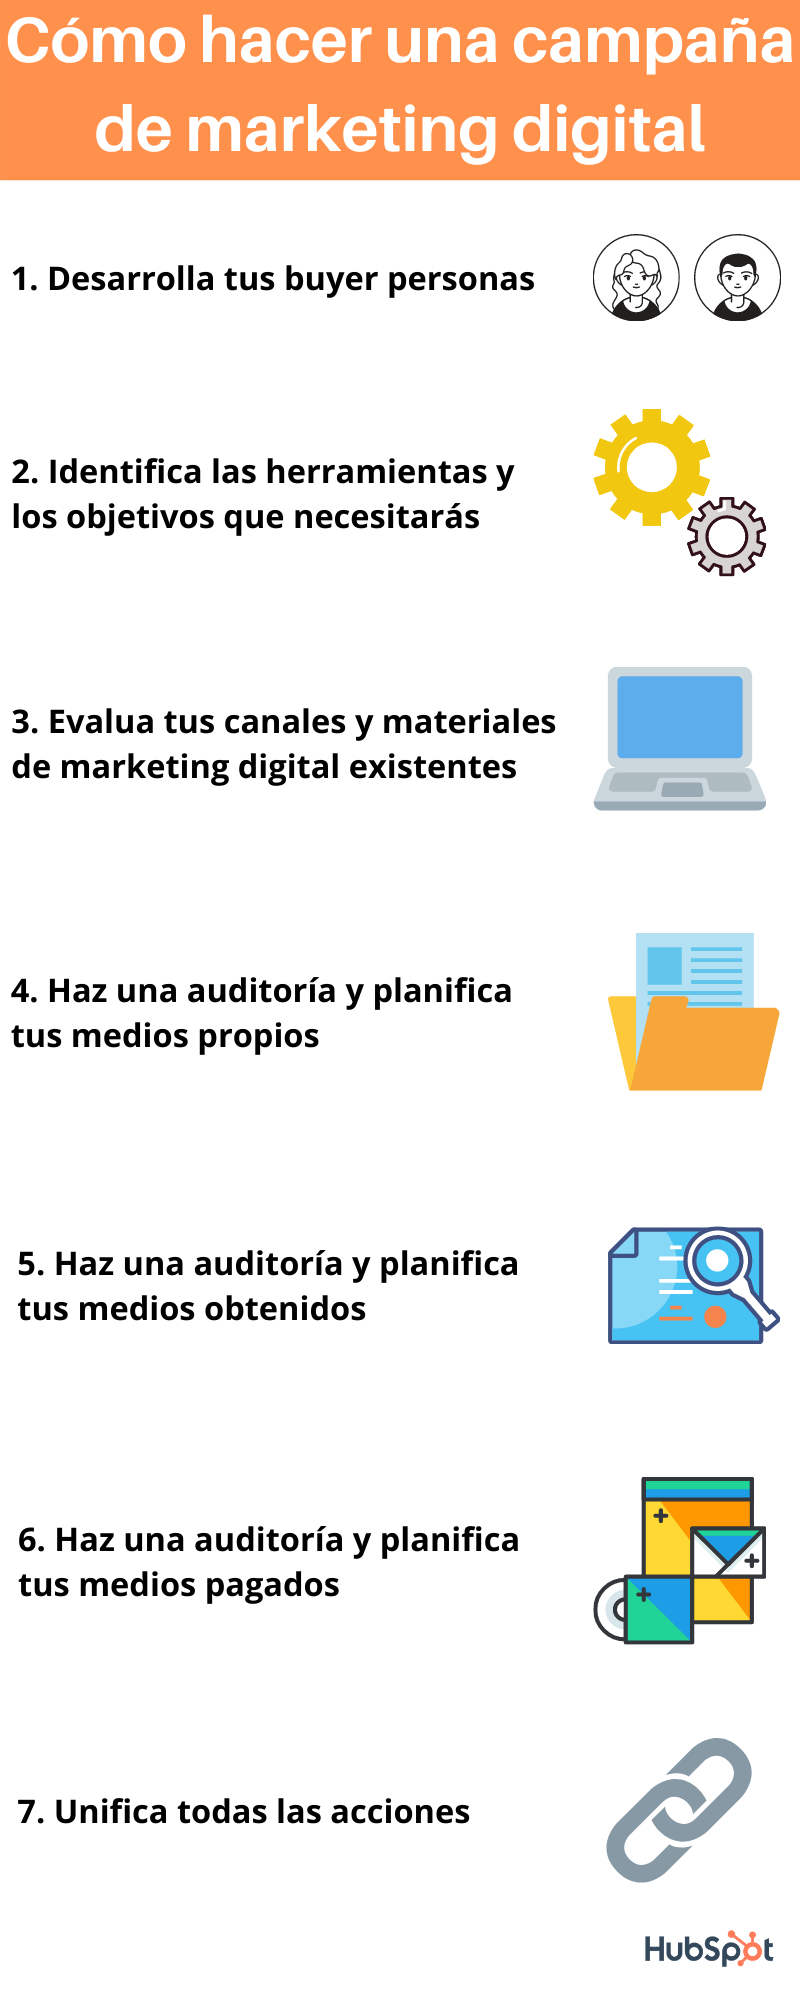 Cómo hacer una estrategia de marketing digital